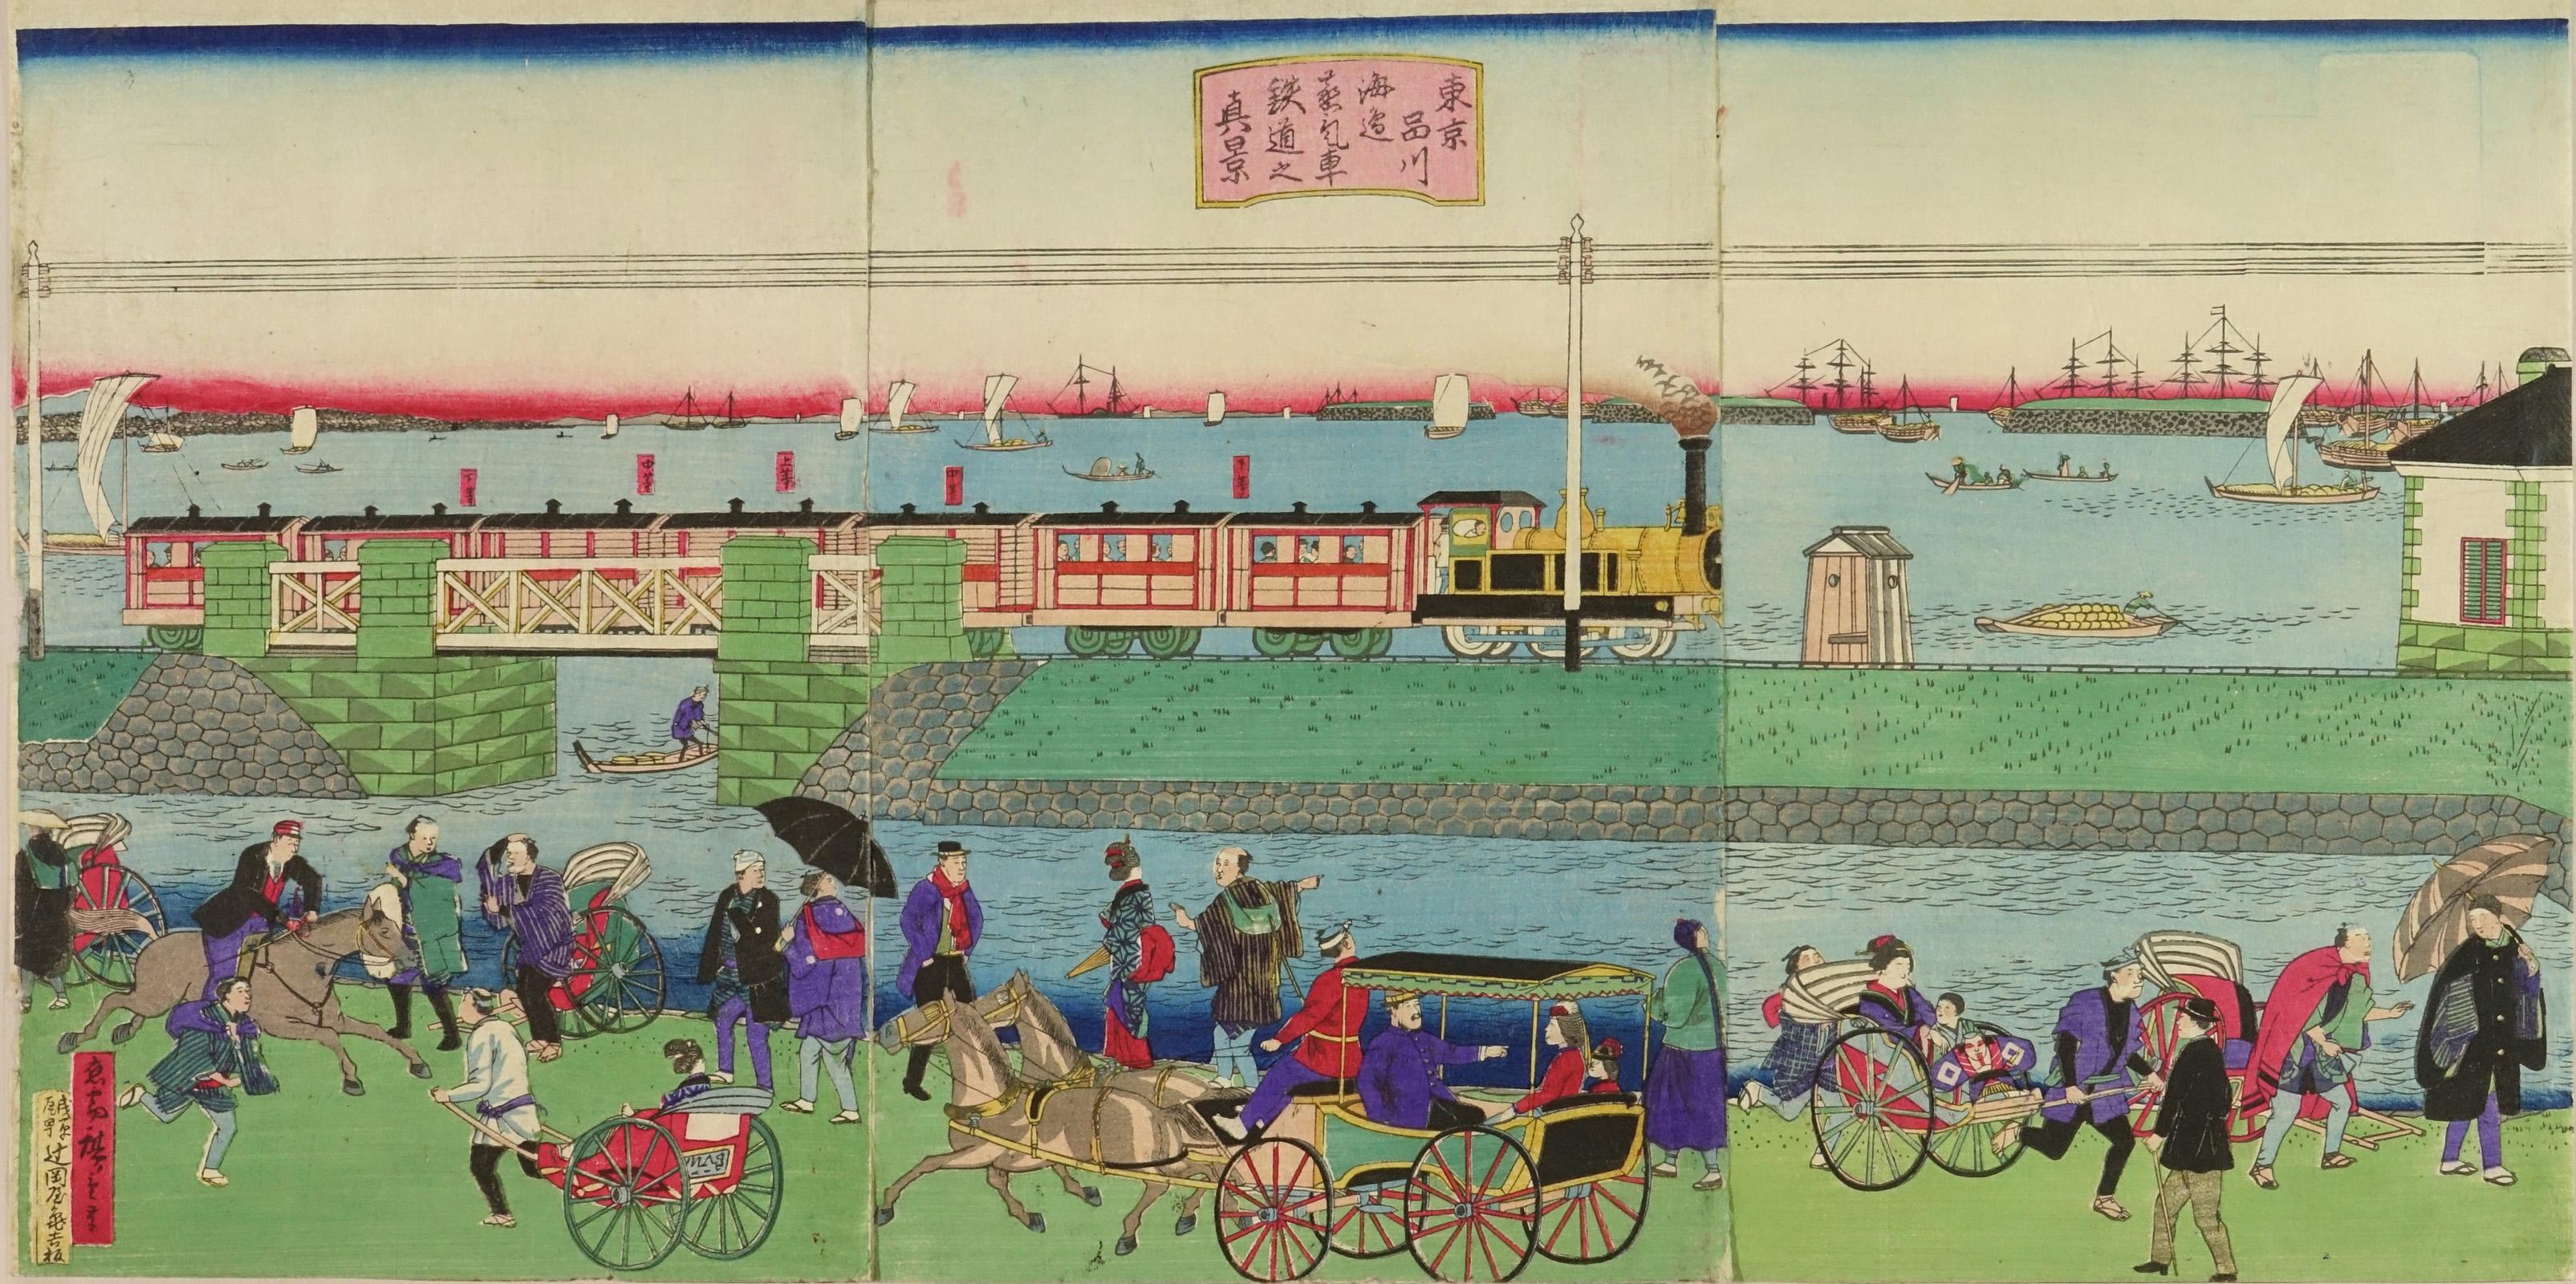 広重三代 東京品川海辺蒸気車鉄道之真景